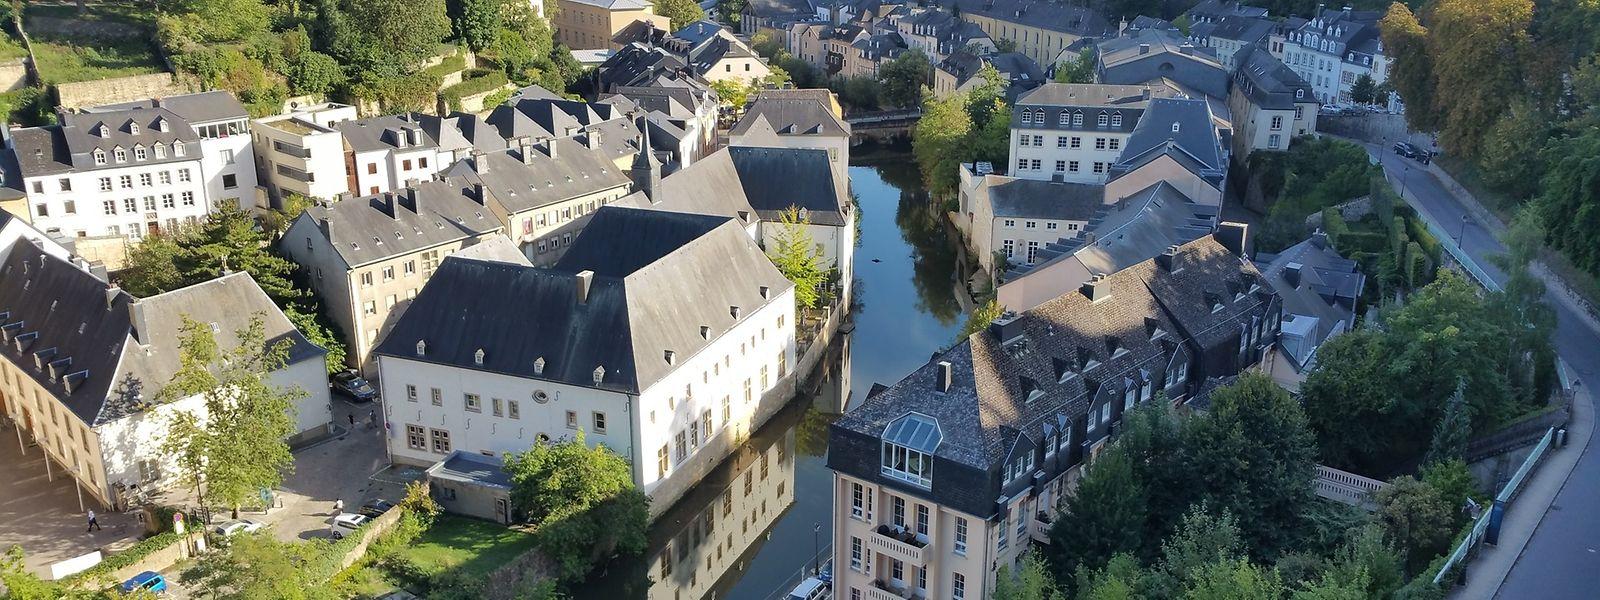 Luxemburg zählt zu den 20 Städten mit der höchsten Lebensqualität weltweit.